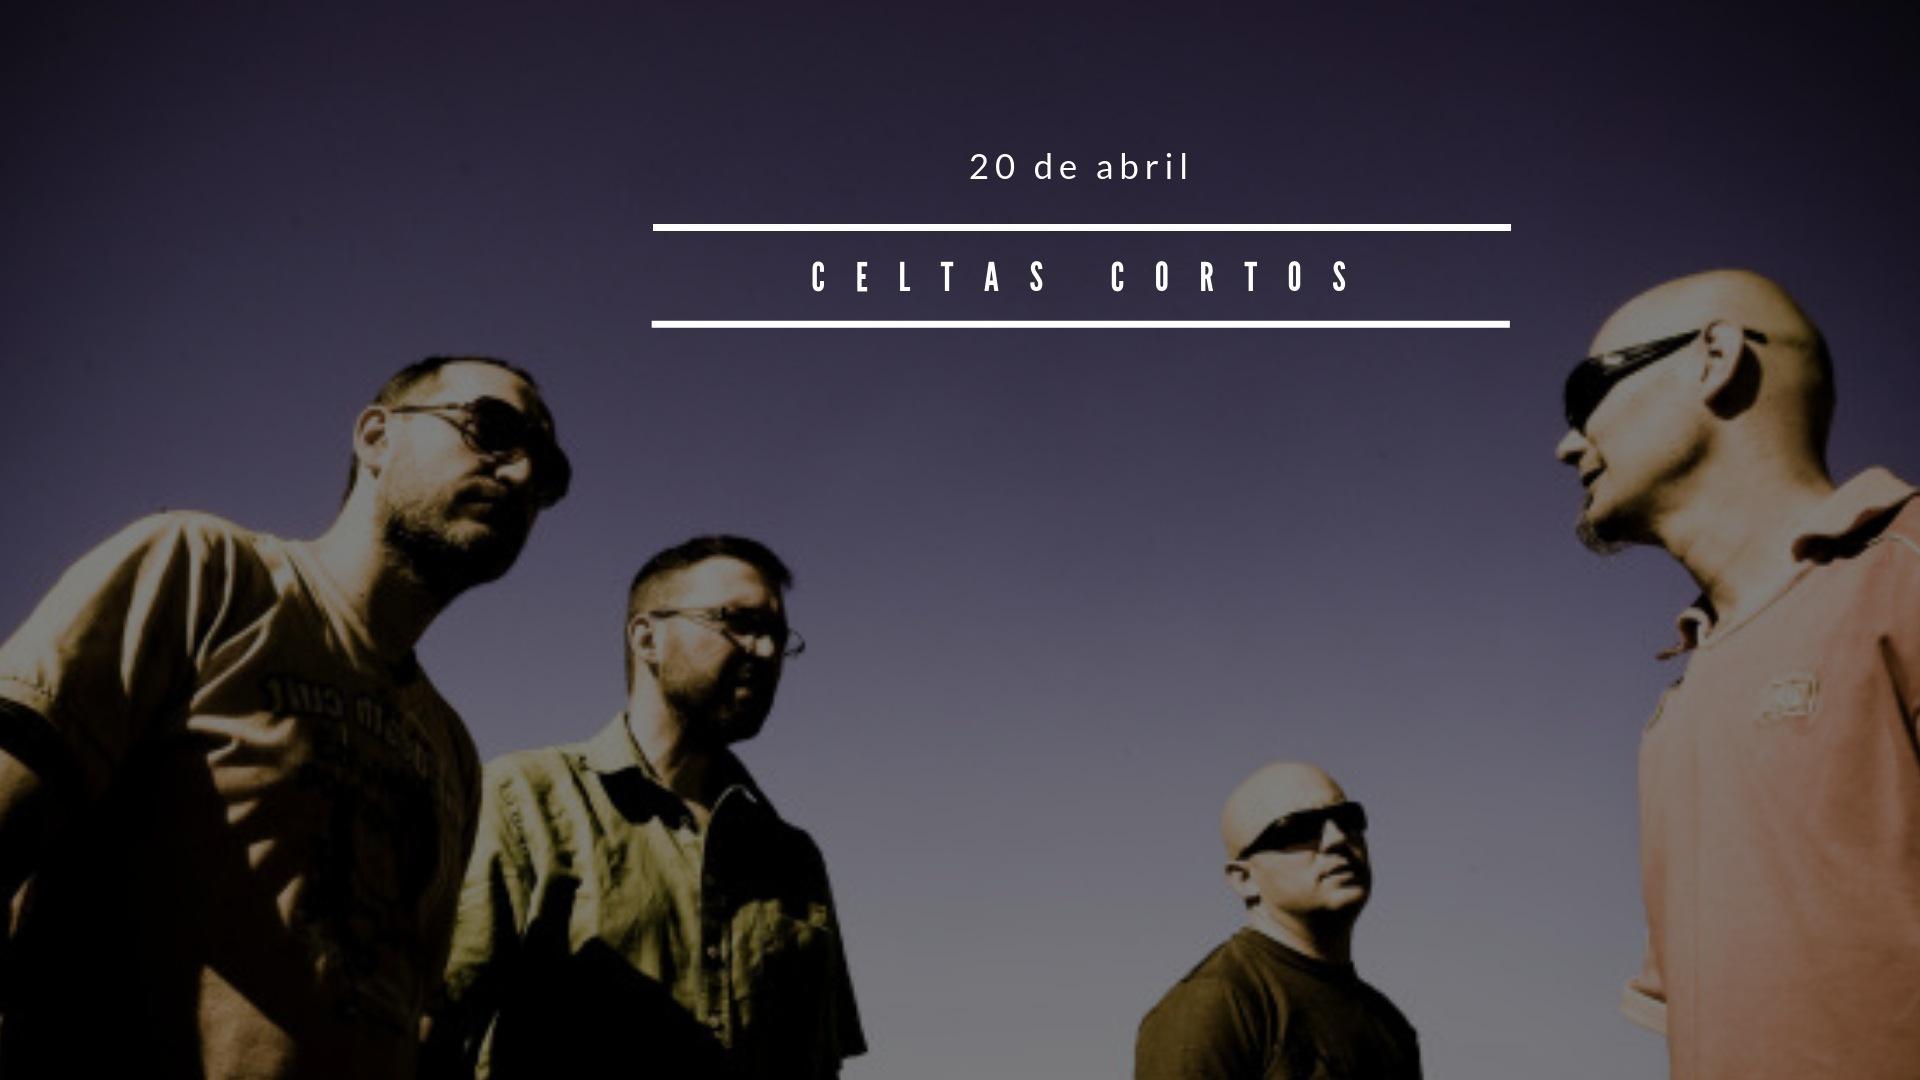 """20 de abril del 90 de Celtas Cortos estrena videoclip ante el COVID-19<span class=""""wtr-time-wrap after-title""""><span class=""""wtr-time-number"""">11</span> minutos de lectura</span>"""